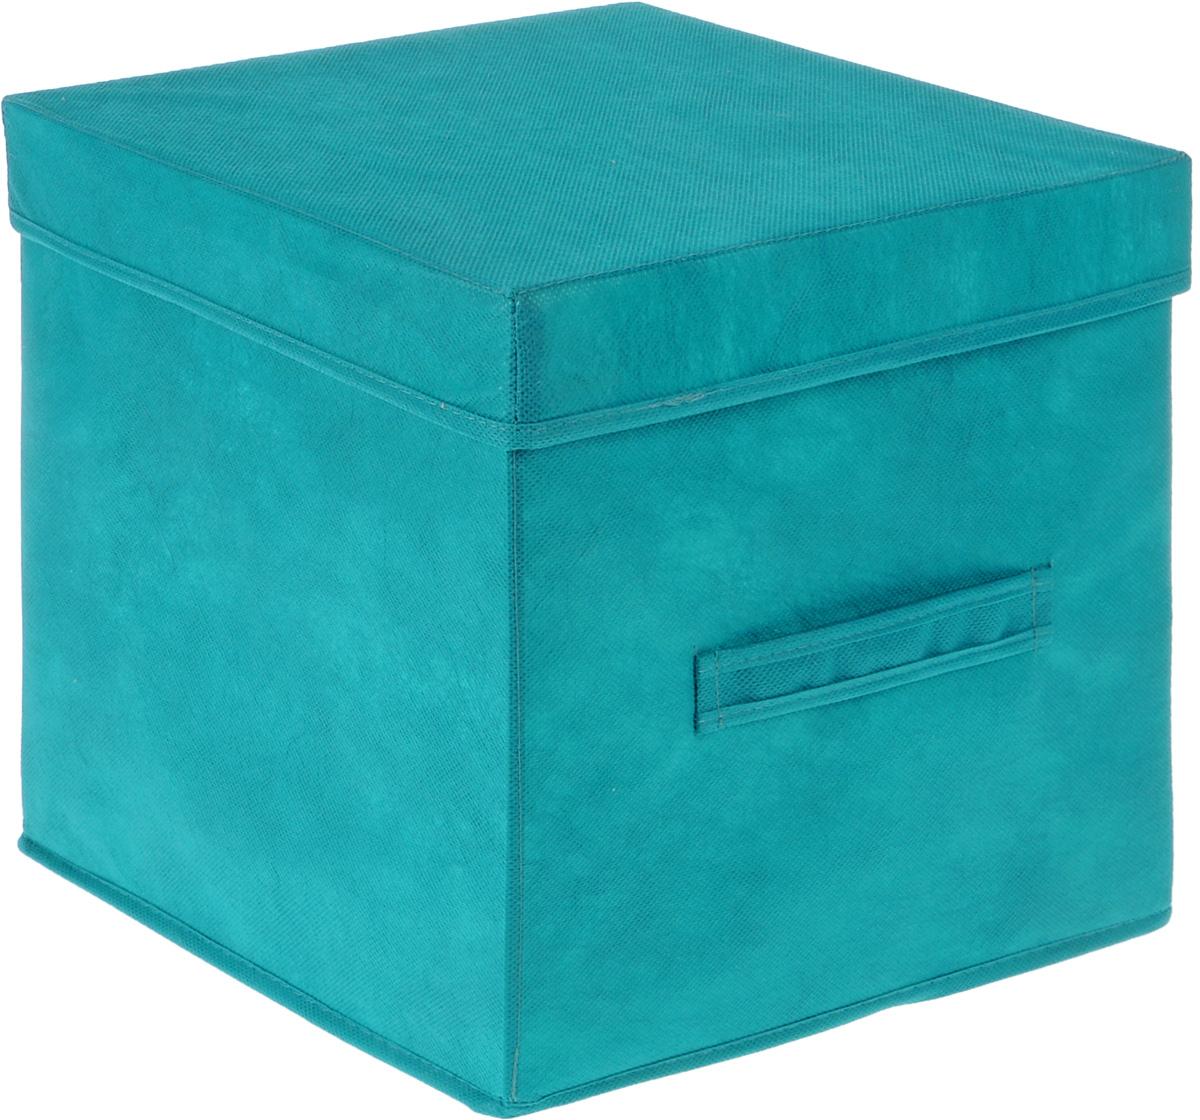 Коробка для вещей Все на местах Париж, с крышкой, цвет: бирюзовый, 30 х 30 х 30 см1012036Коробка с крышкой Все на местах выполнена из высококачественного нетканого материала, который обеспечивает естественную вентиляцию и предназначен для хранения вещей или игрушек. Он защитит вещи от повреждений, пыли, влаги и загрязнений во время хранения и транспортировки. Размер коробки: 30 х 30 х 30 см.